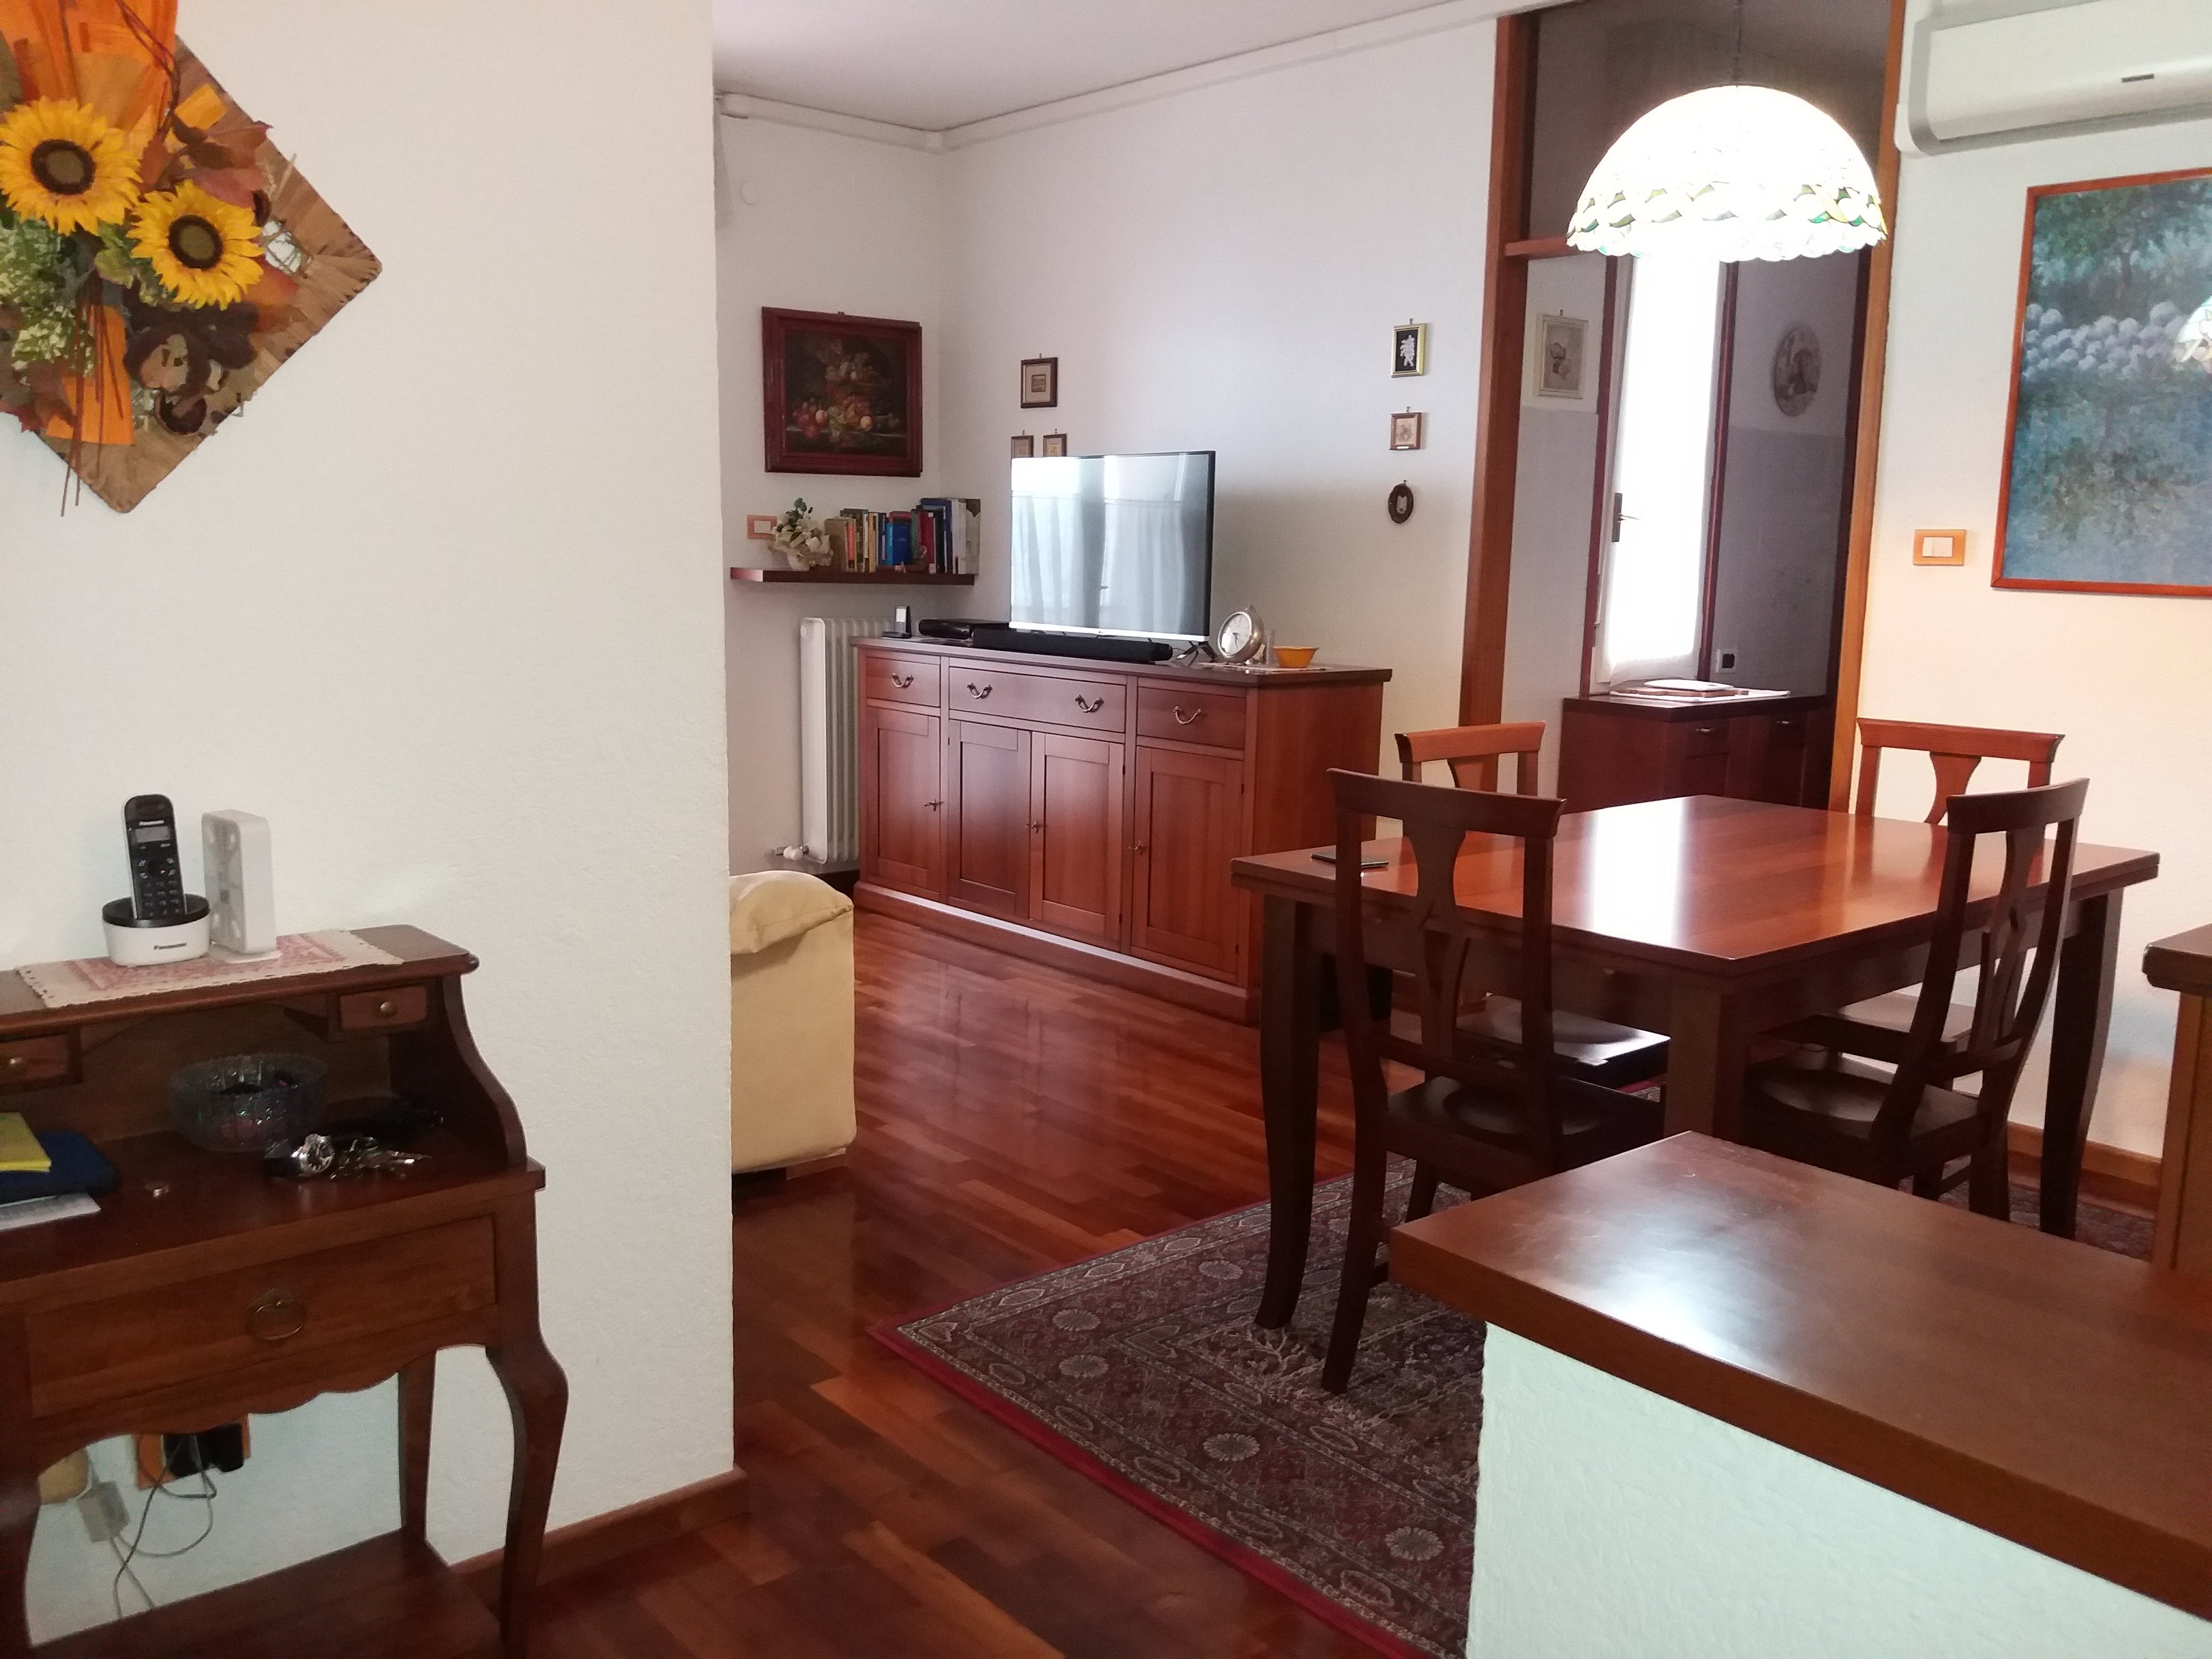 Vendita appartamento sito in Strada Vecchia dell'Istria